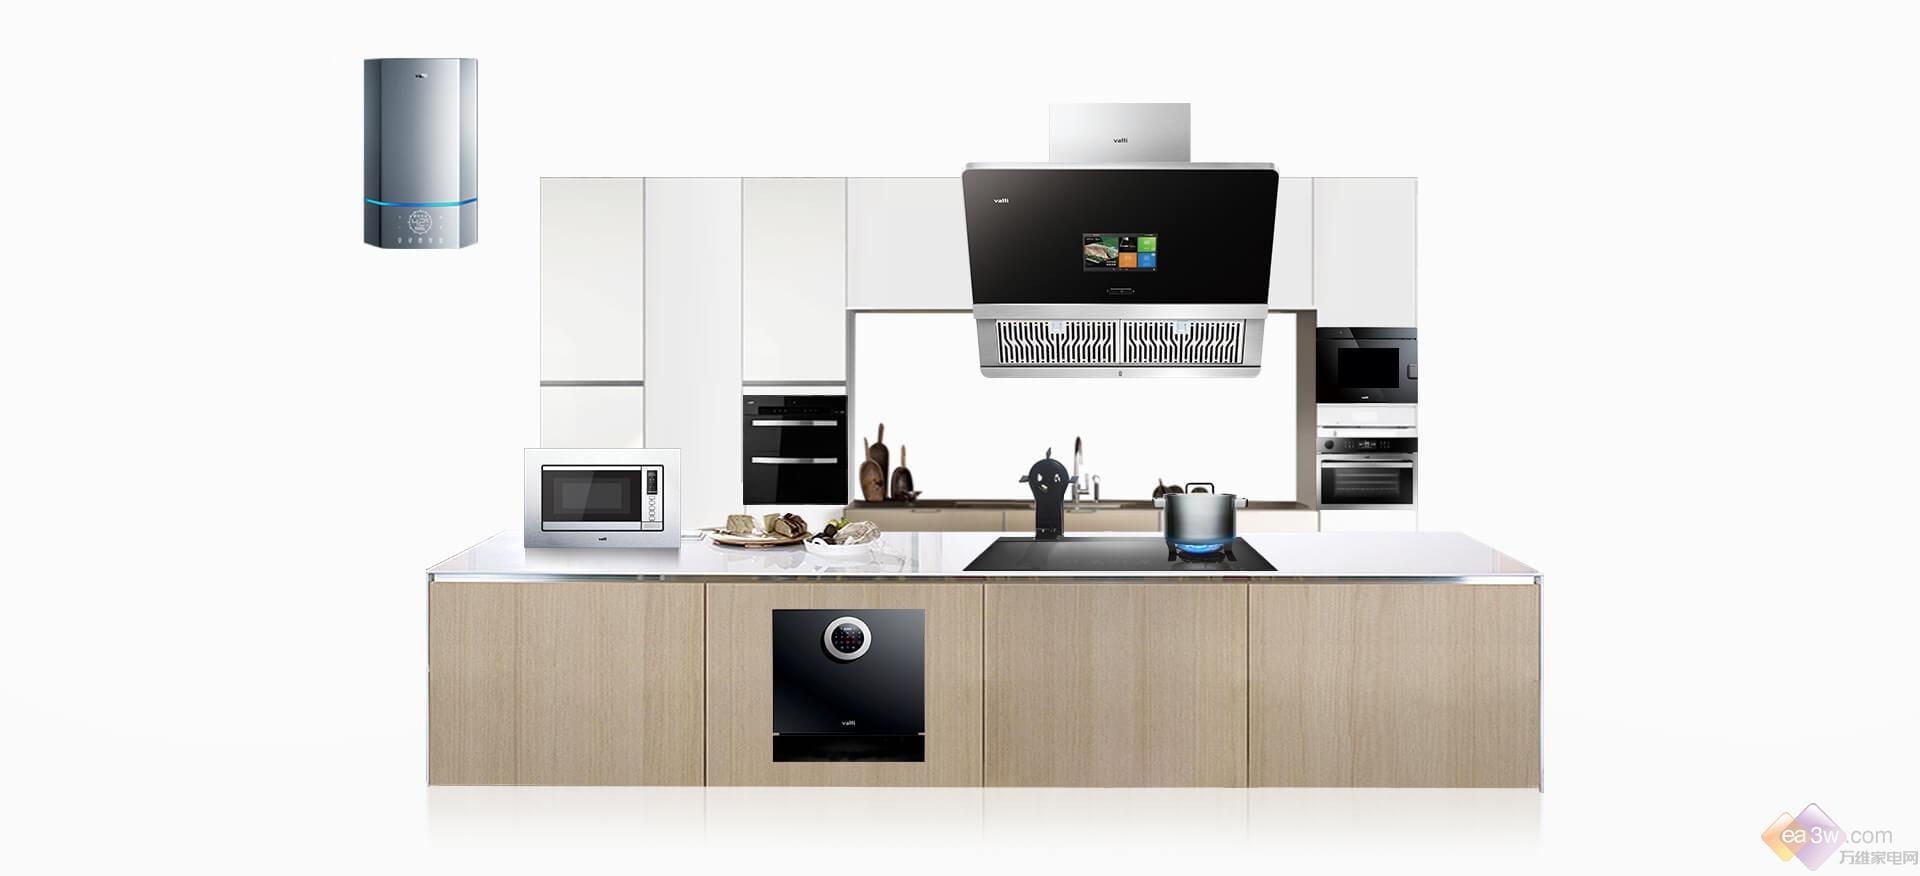 双11全套爆品厨房家电怎么选?五件套全在这了